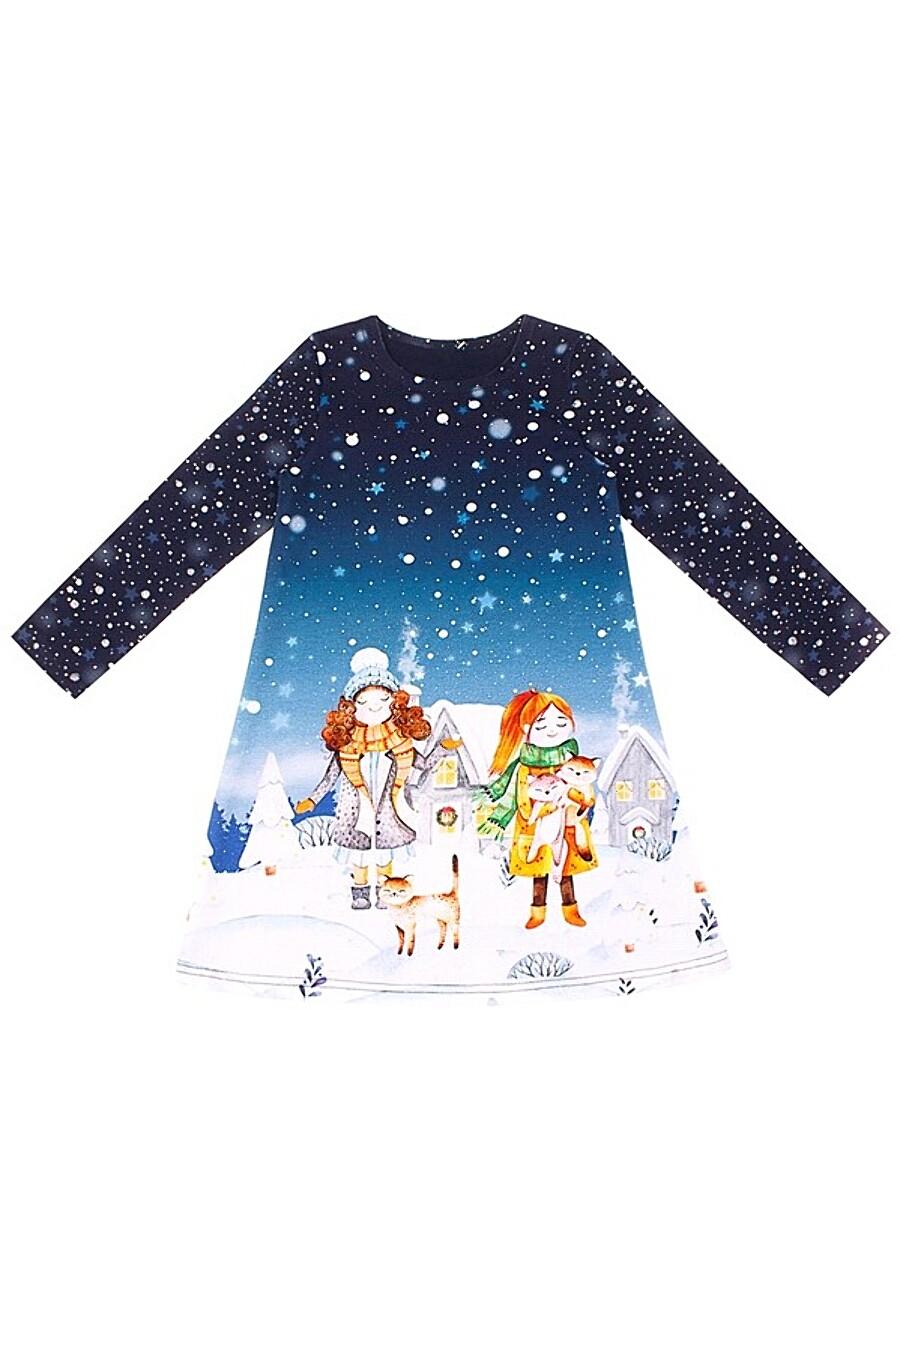 Платье для девочек АПРЕЛЬ 708762 купить оптом от производителя. Совместная покупка детской одежды в OptMoyo